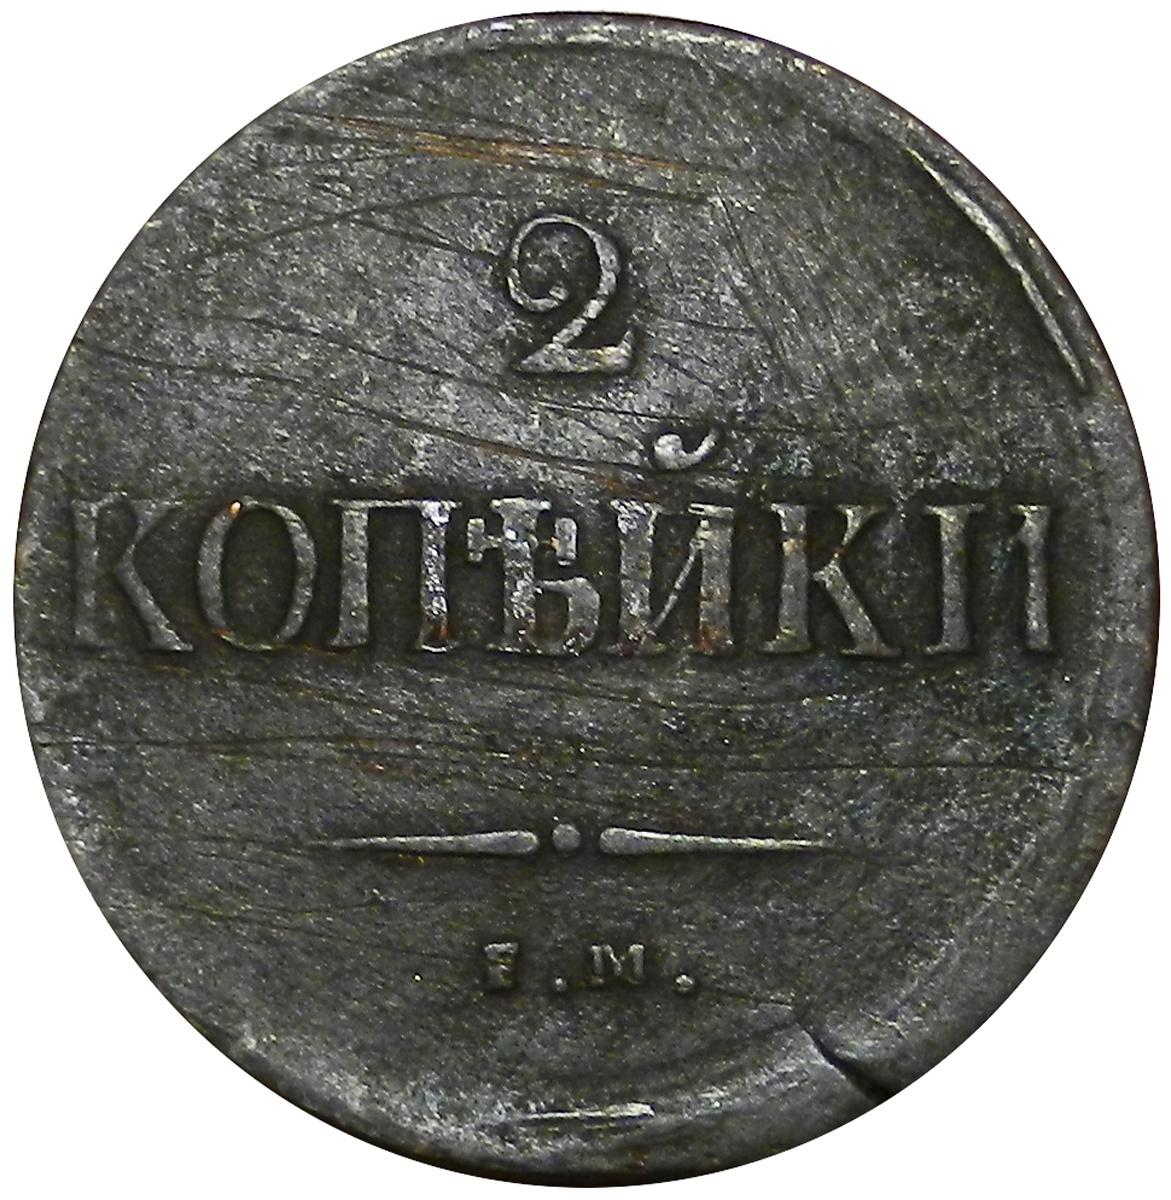 Монета 2 копейки. Медь. Российская Империя, 1837 год (ЕМ НА, Орел, парящий в облаках (Масонский орел) XF)